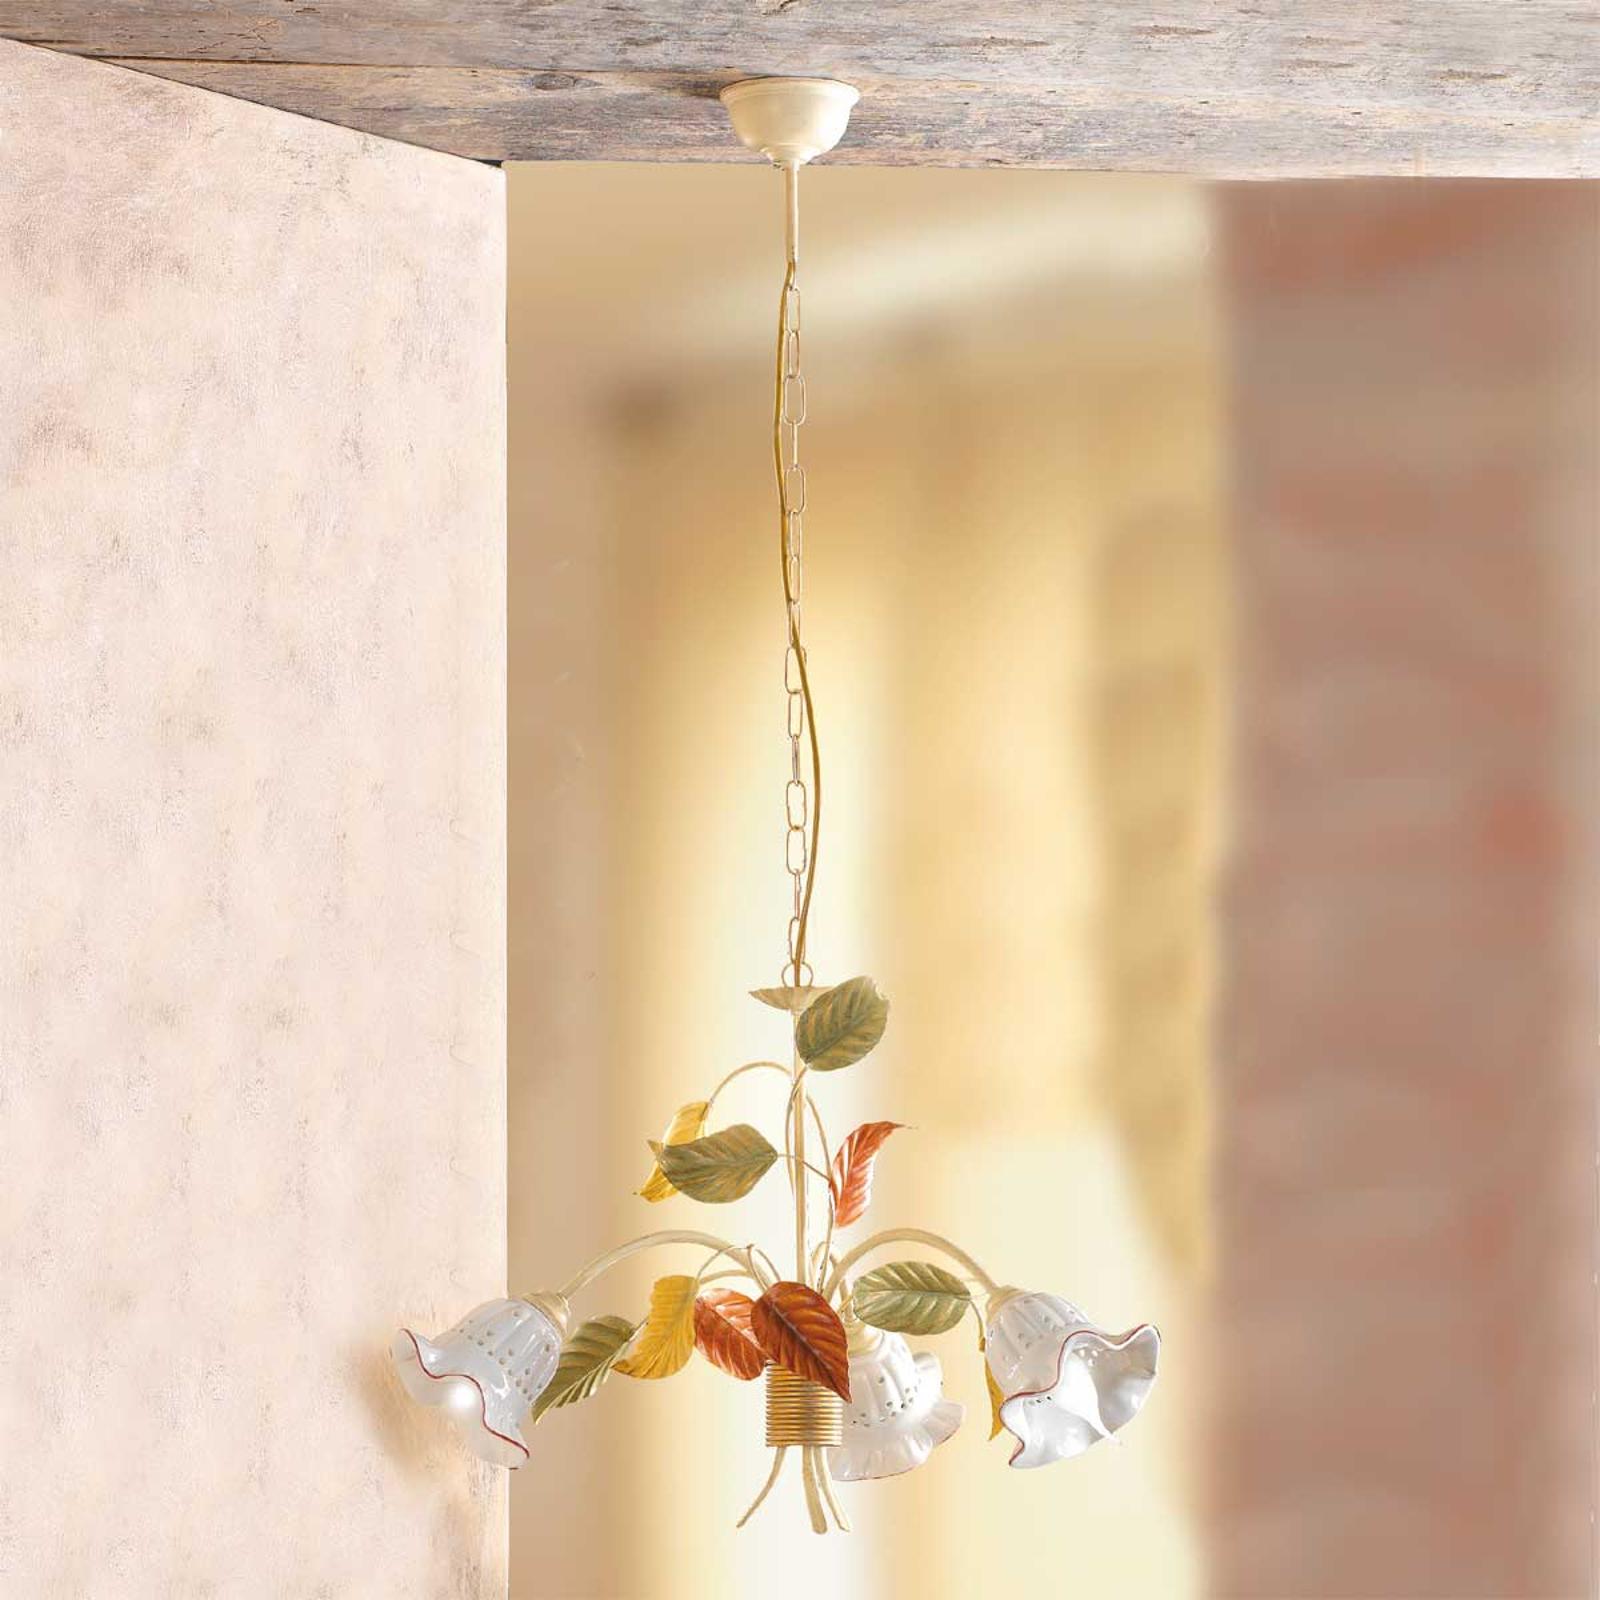 Hængelampe Flora i florentinsk stil